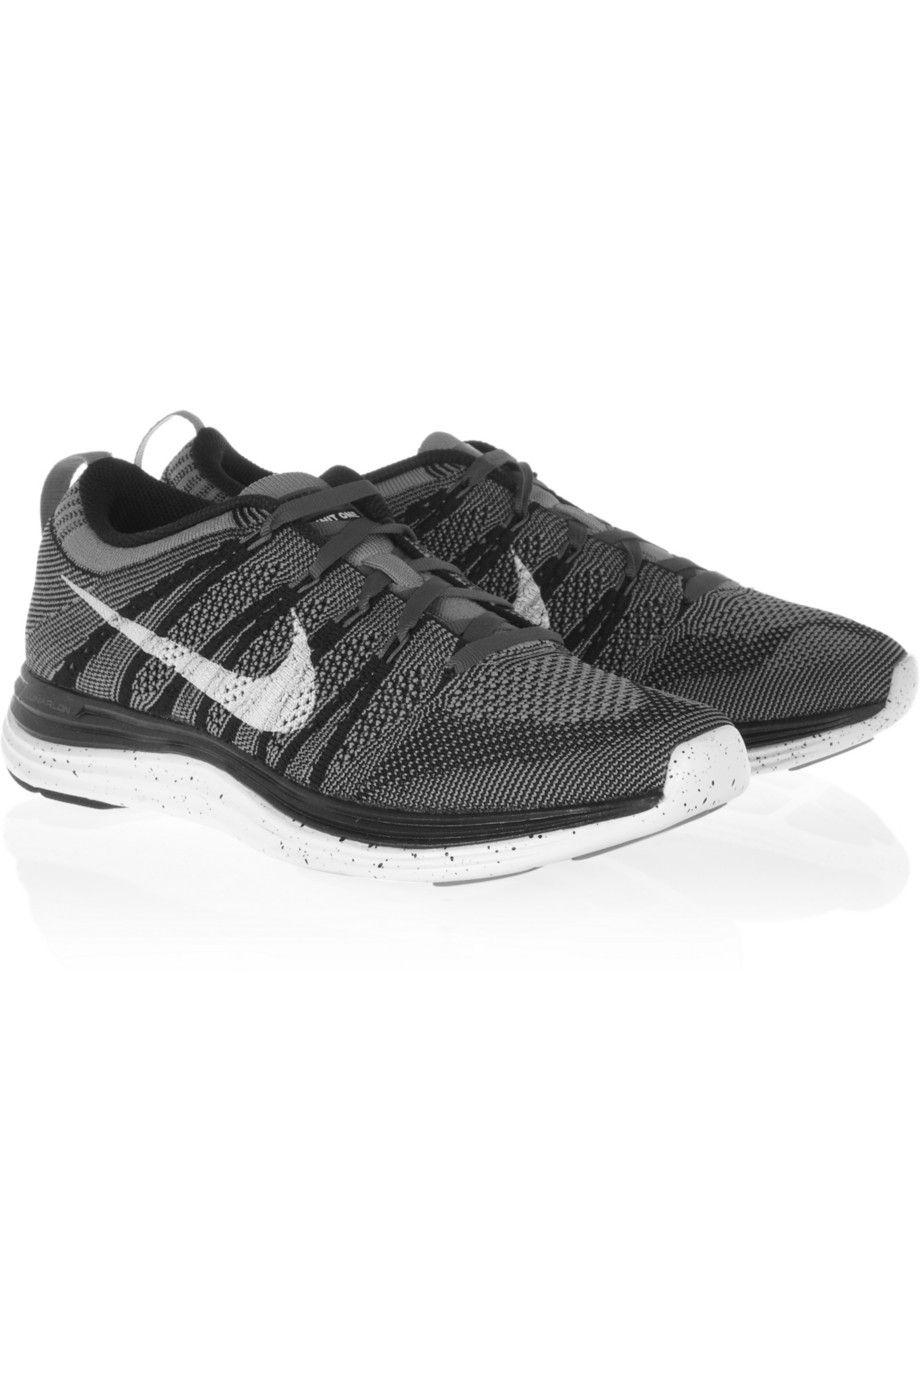 new style 53ec5 5e406 ... discount nike lunar flyknit 1 sneakers net a porter 84812 22e67 ...